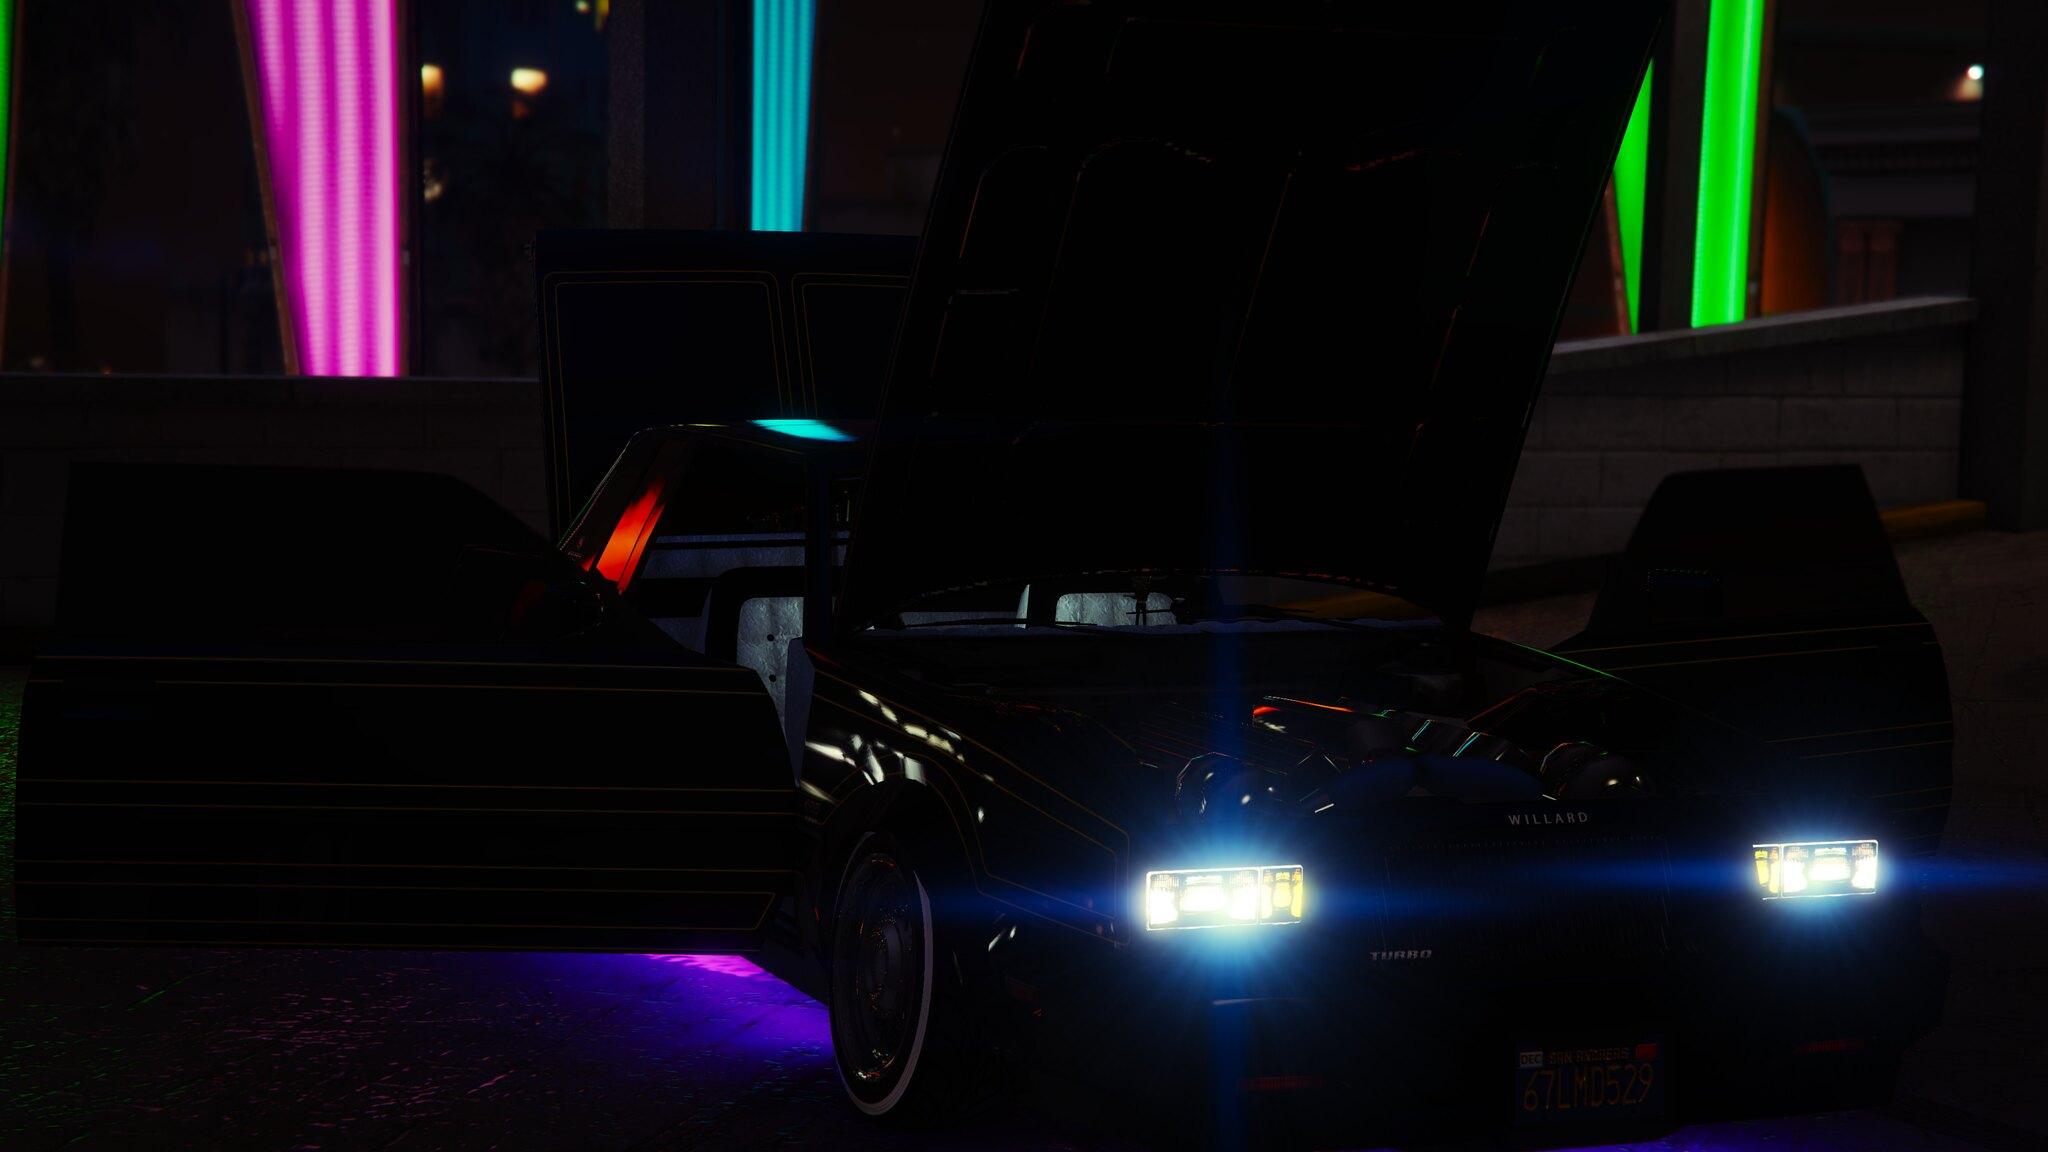 GTA V Screenshots (Official)   - Page 3 22451812331_1dca360a6d_k